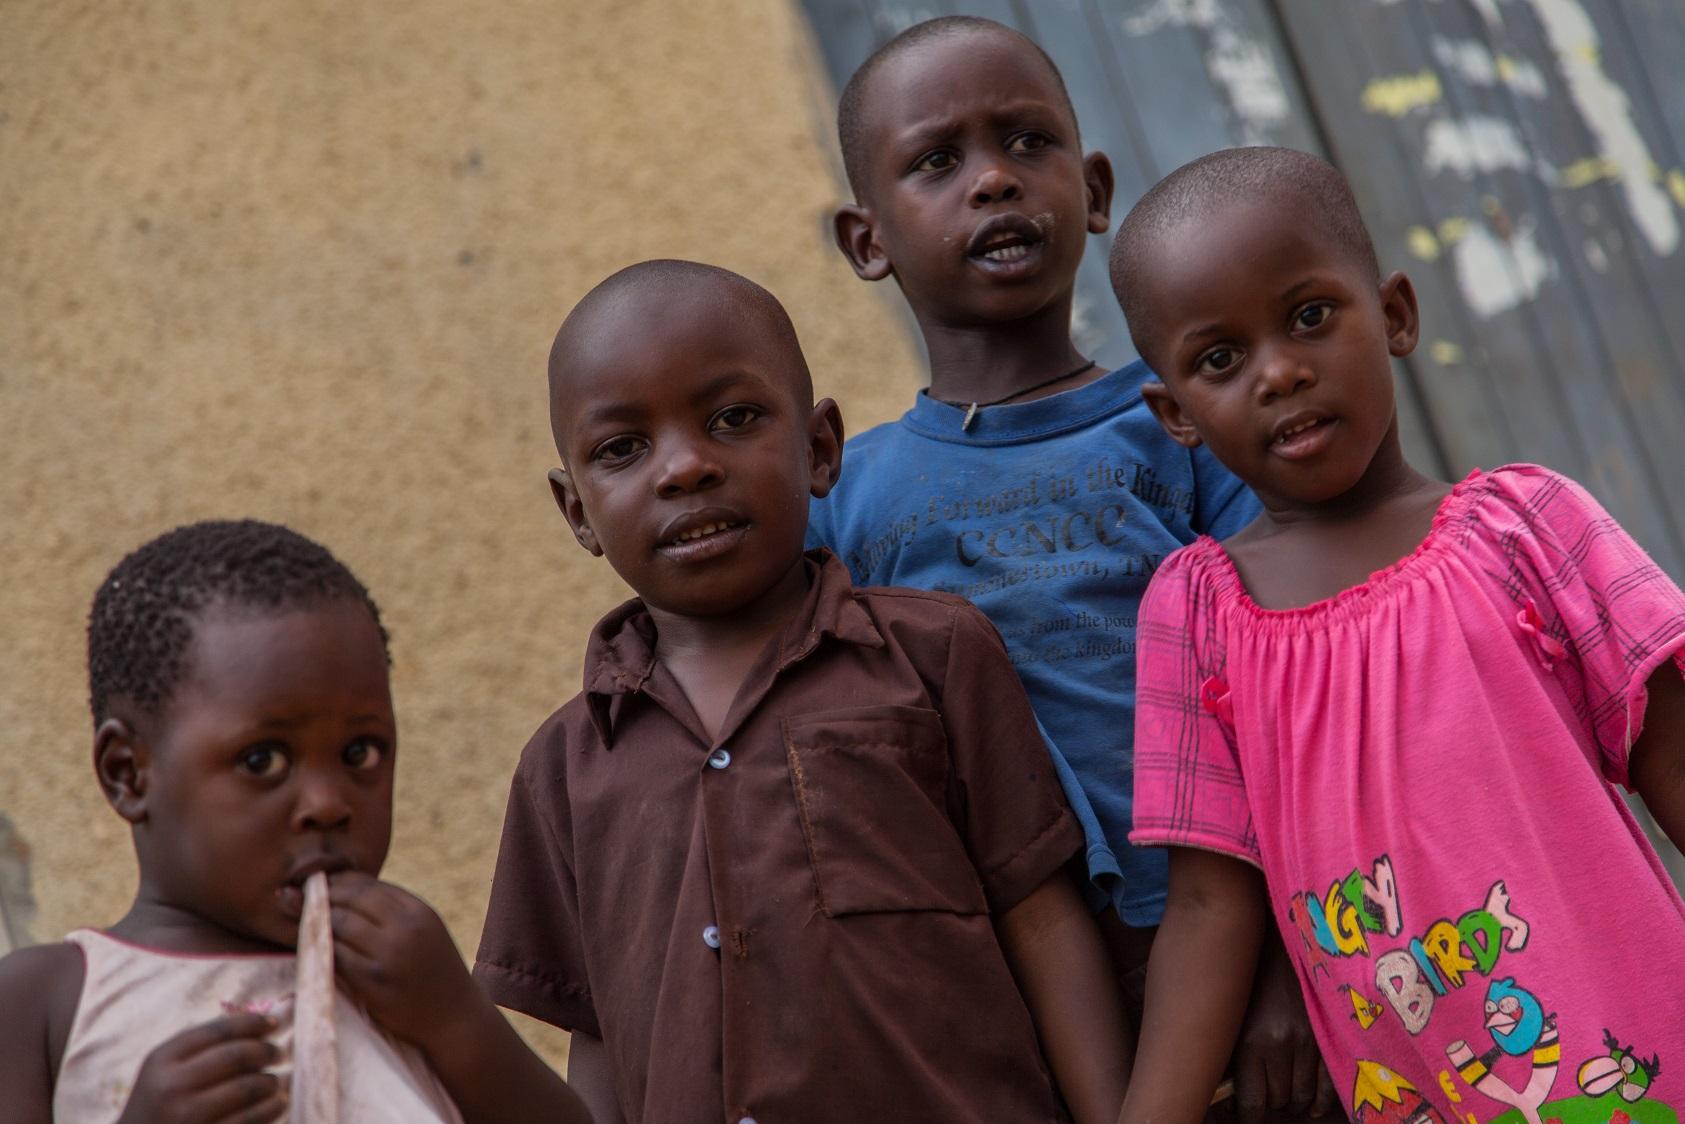 School-aged children